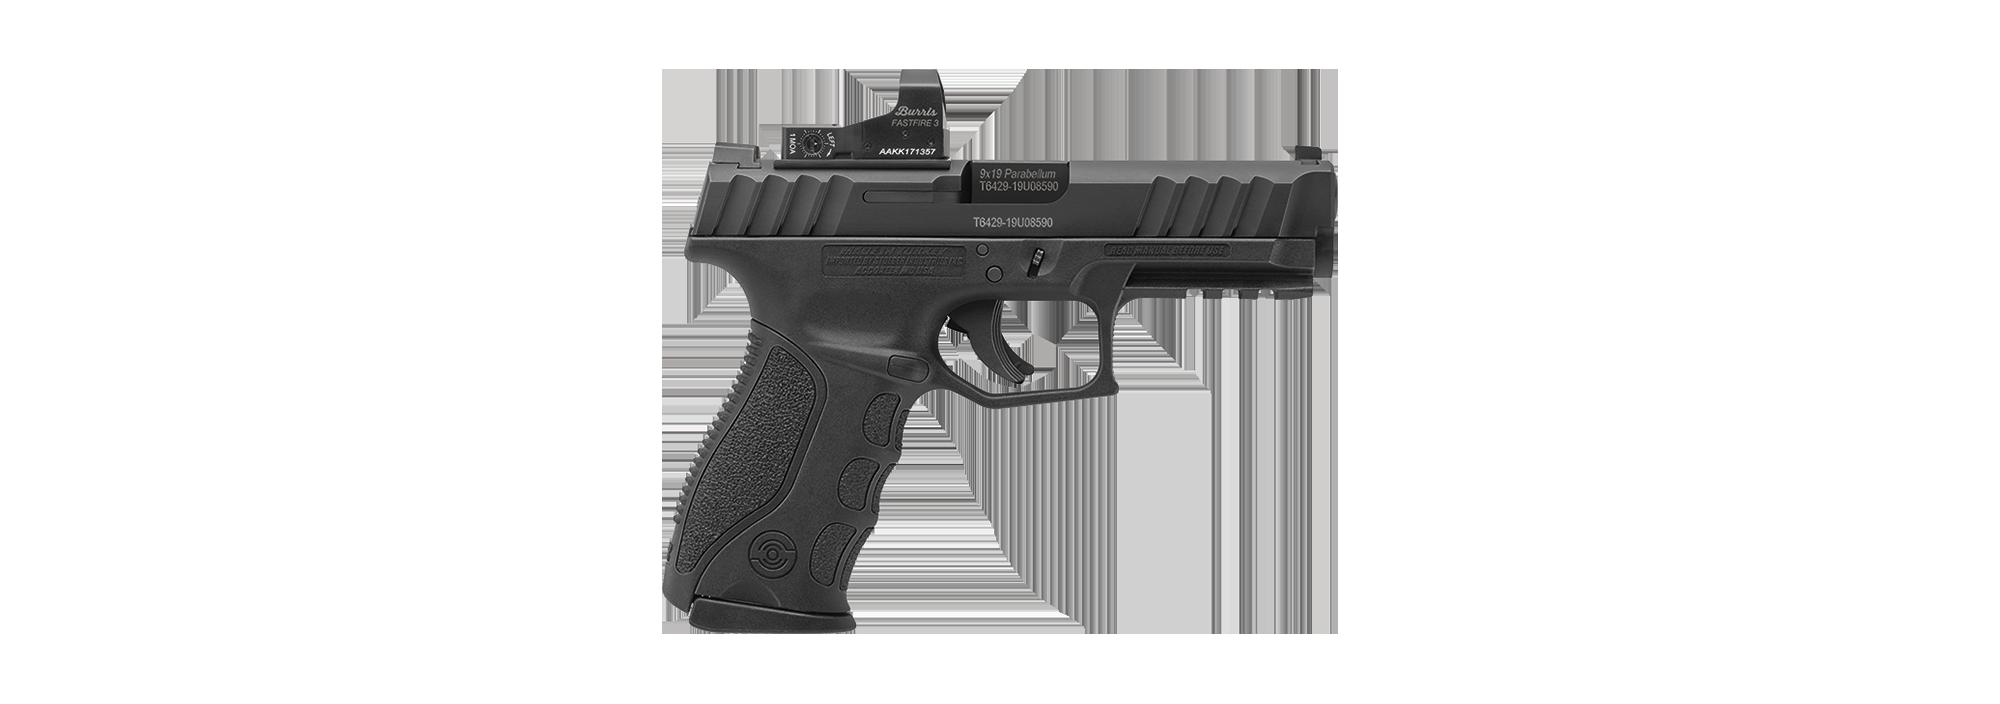 9mm handgun with red dot sight.